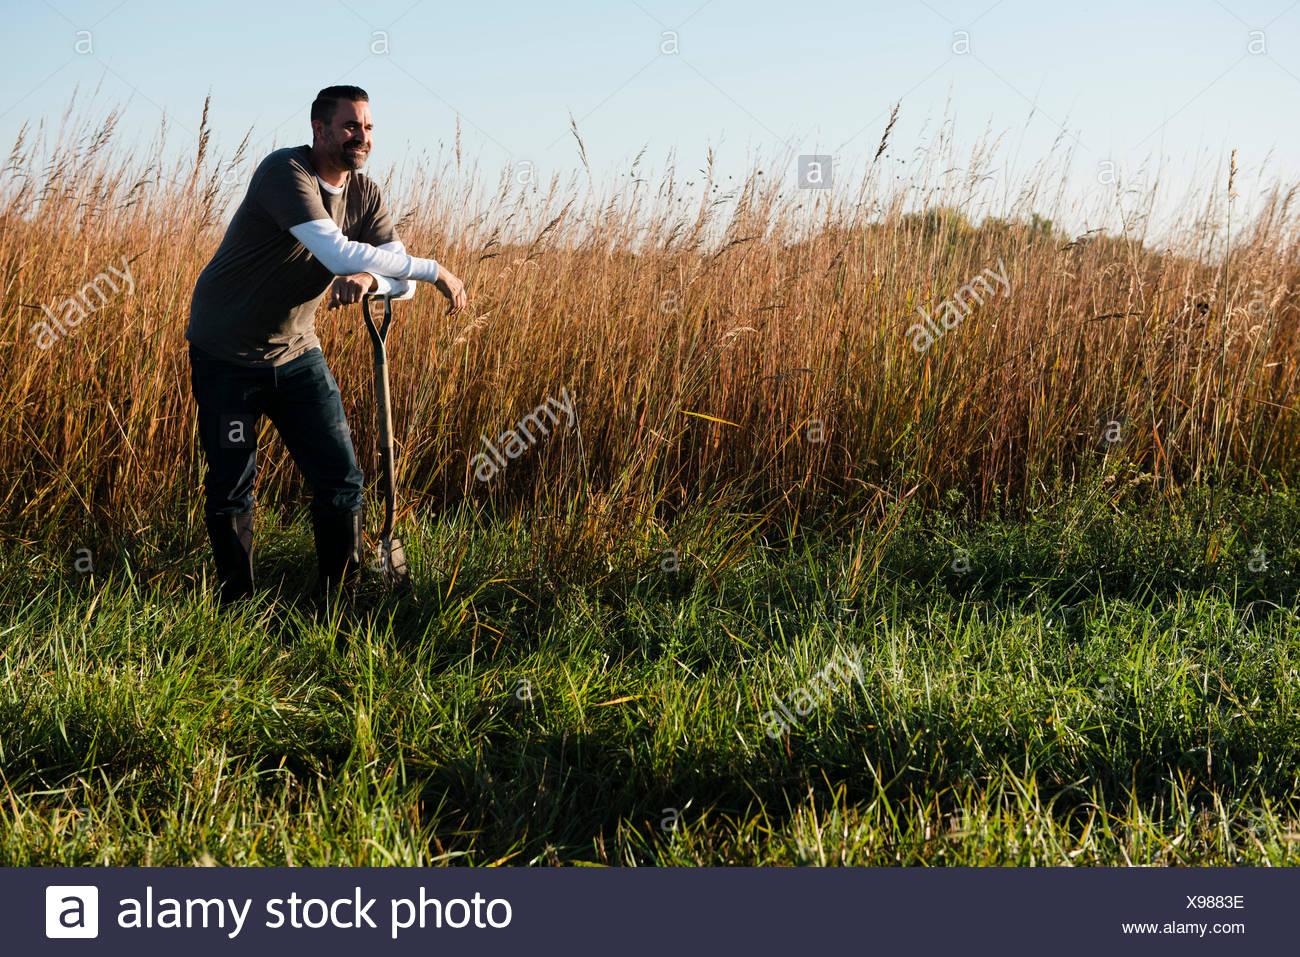 Porträt von Mitte erwachsenen männlichen Bauern stützte sich auf Spaten im Feld, Plattsburg, Missouri, USA Stockbild